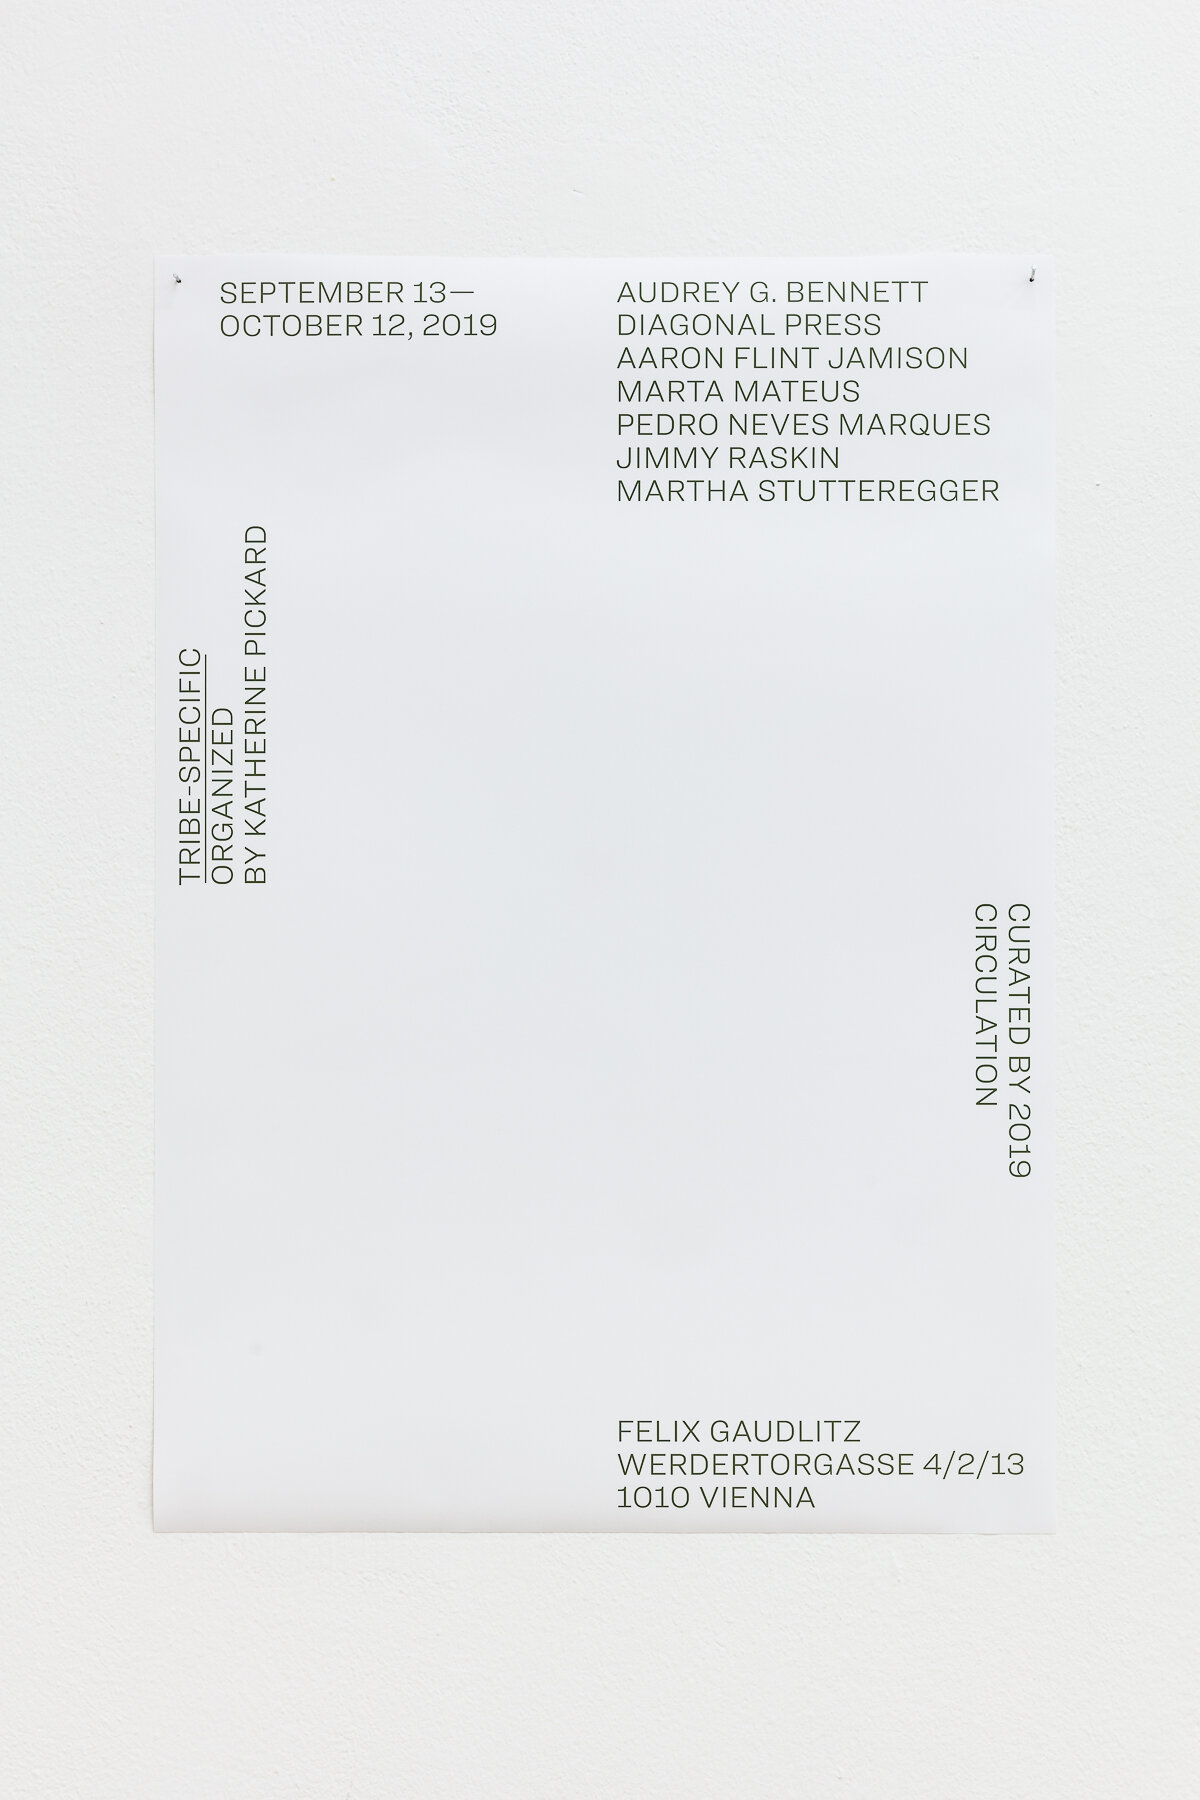 2019_09_13_Felix-Gaudlitz_002_web.jpg